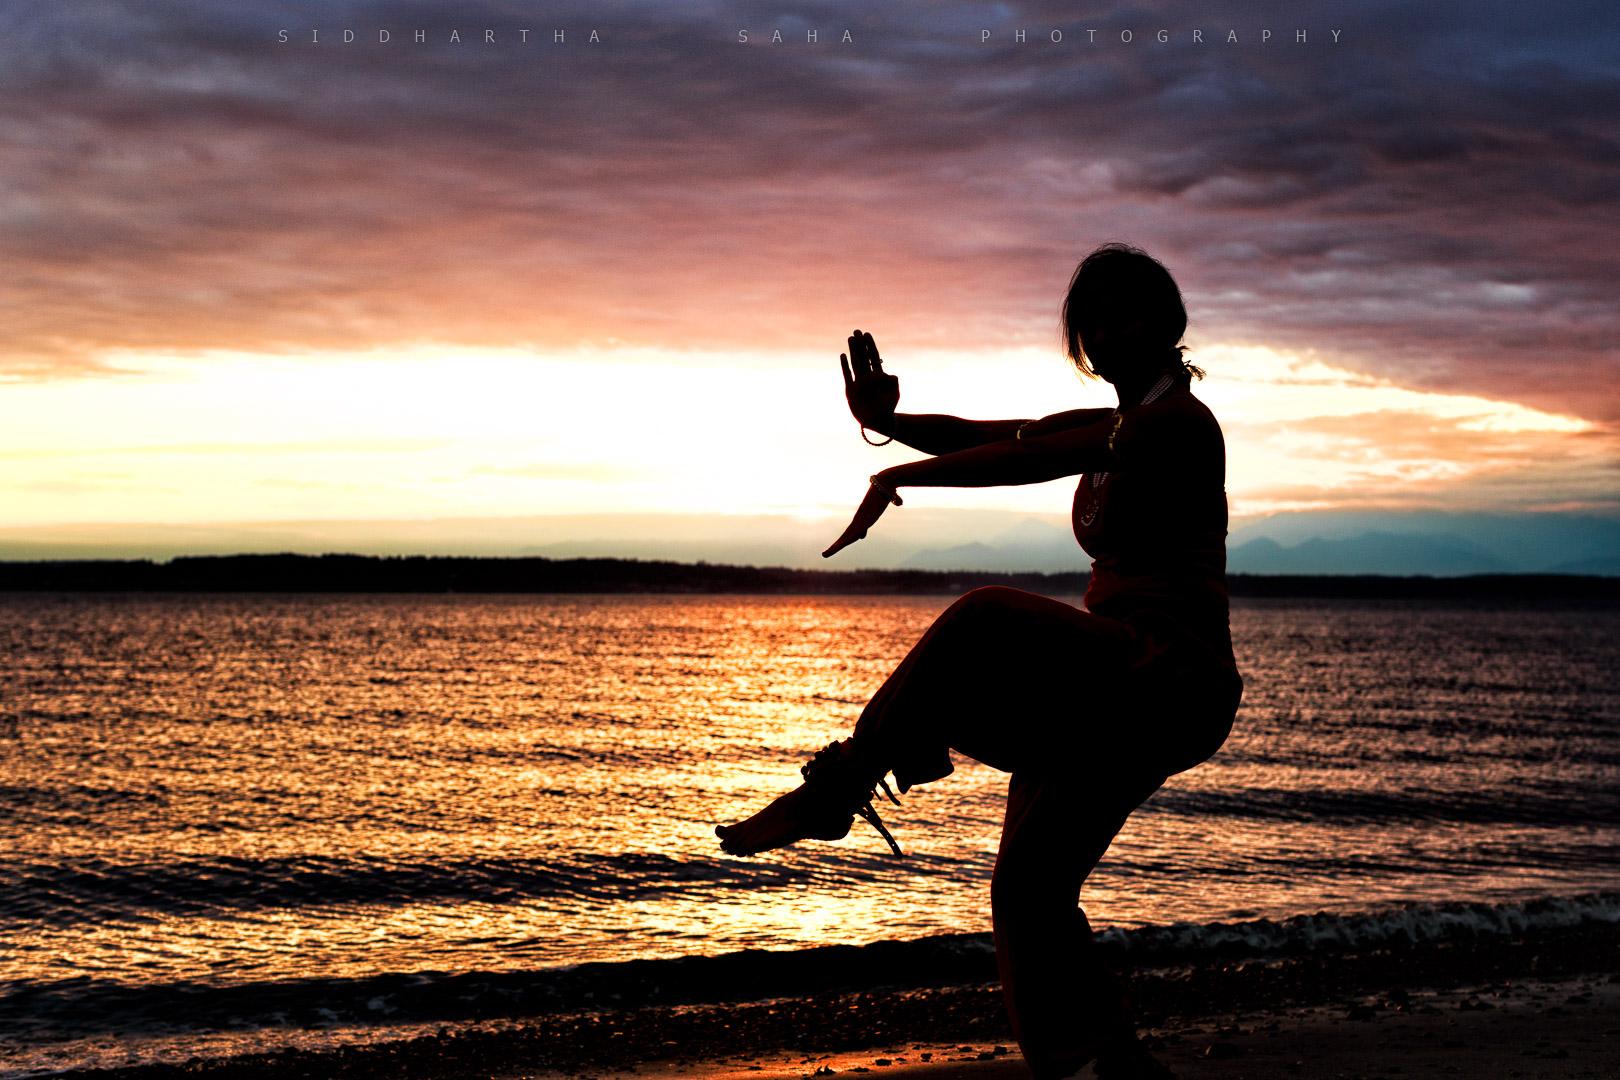 2012-09-24 - Shanthi_s Photoshoot-78